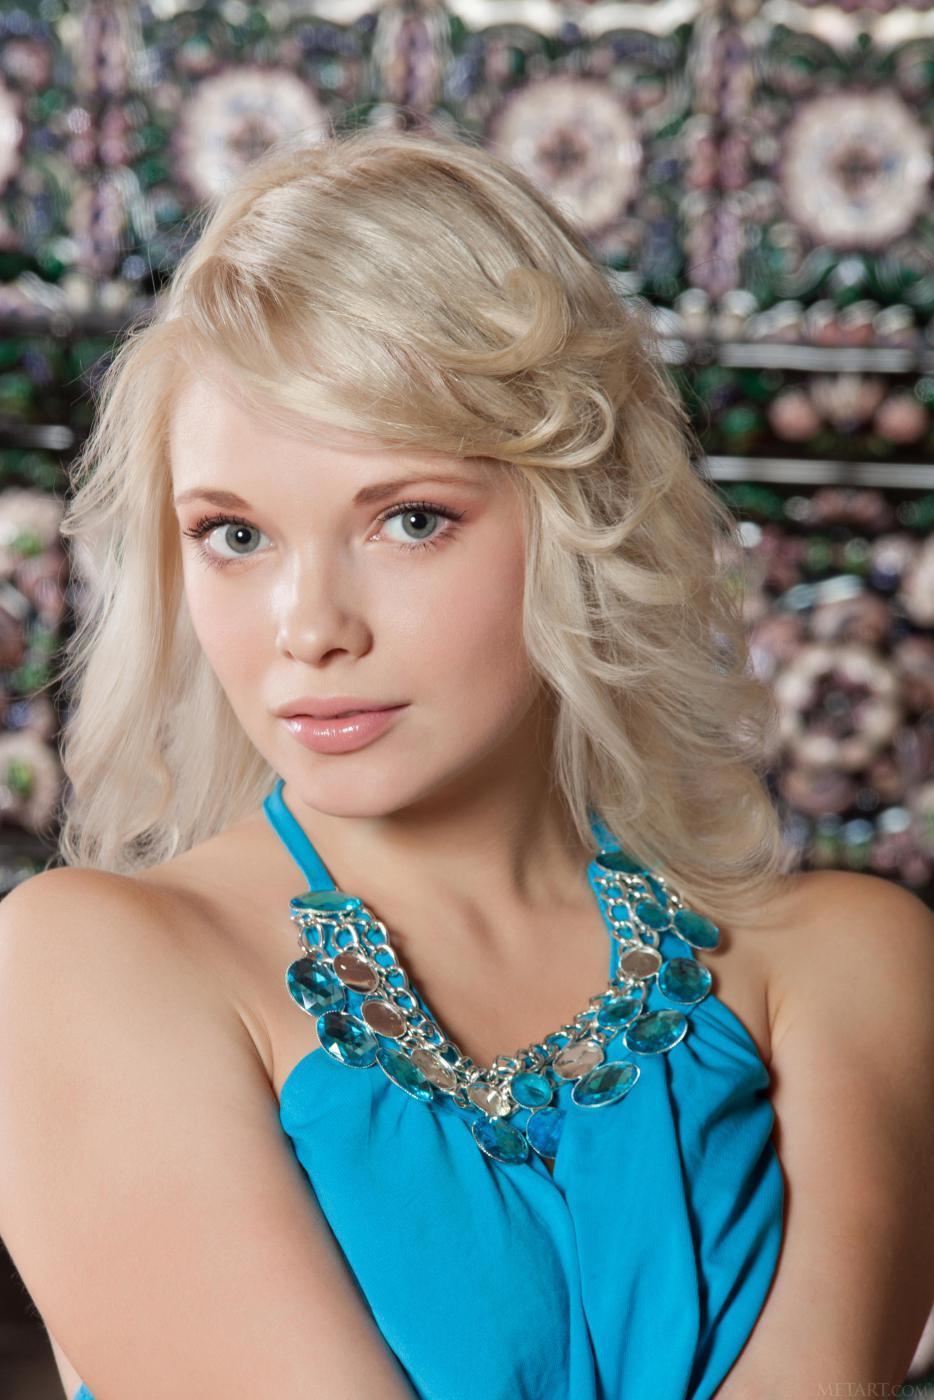 Сладкая блондинка Feeona A снимает облегающее синее платье и позирует обнаженной с поднятыми ногами